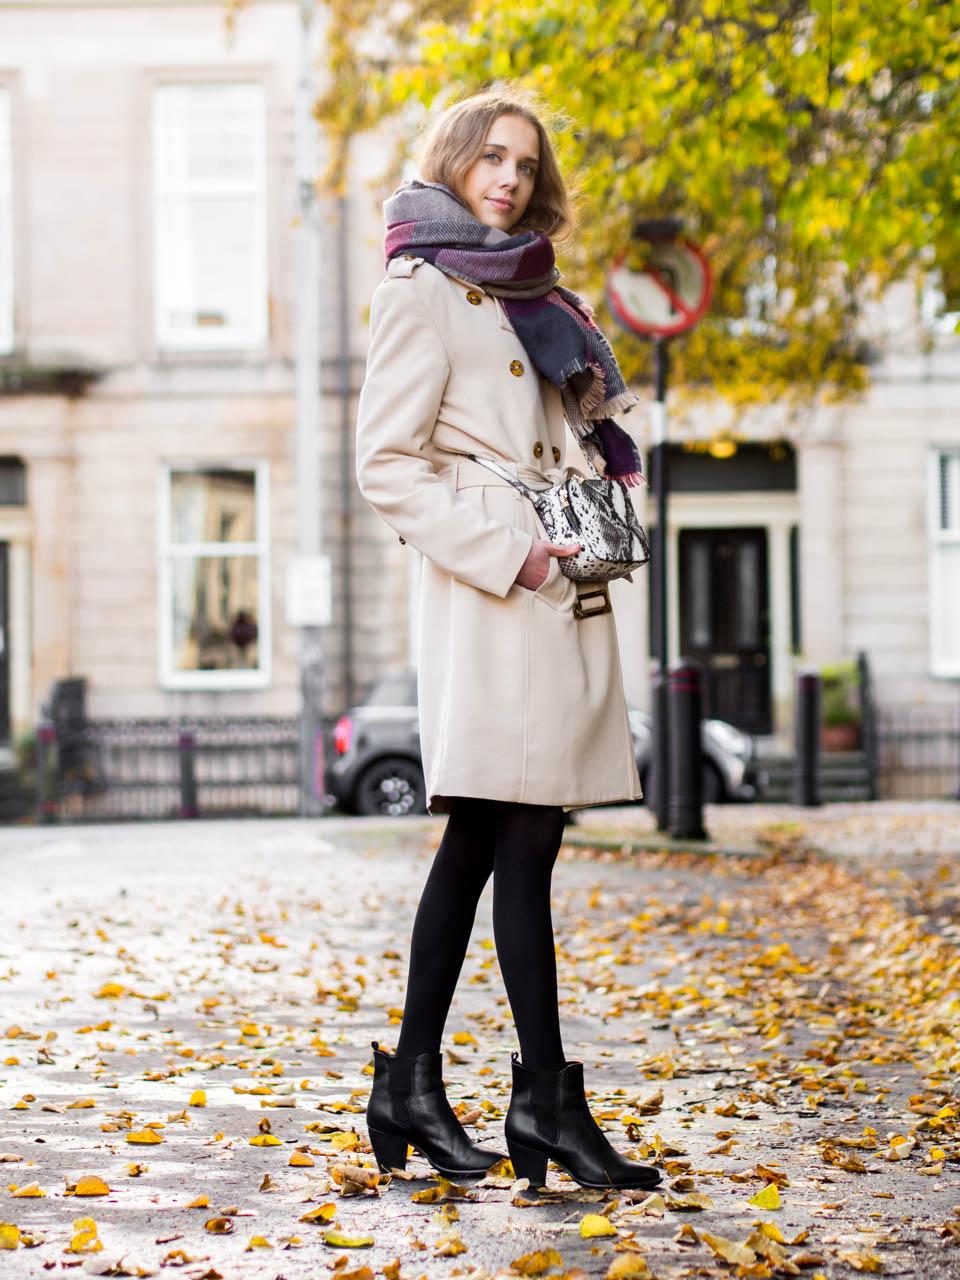 Fashion blogger autumn outfit inspiration 2019 - Muotibloggaaja, syysmuoti 2019, asuinspiraatio